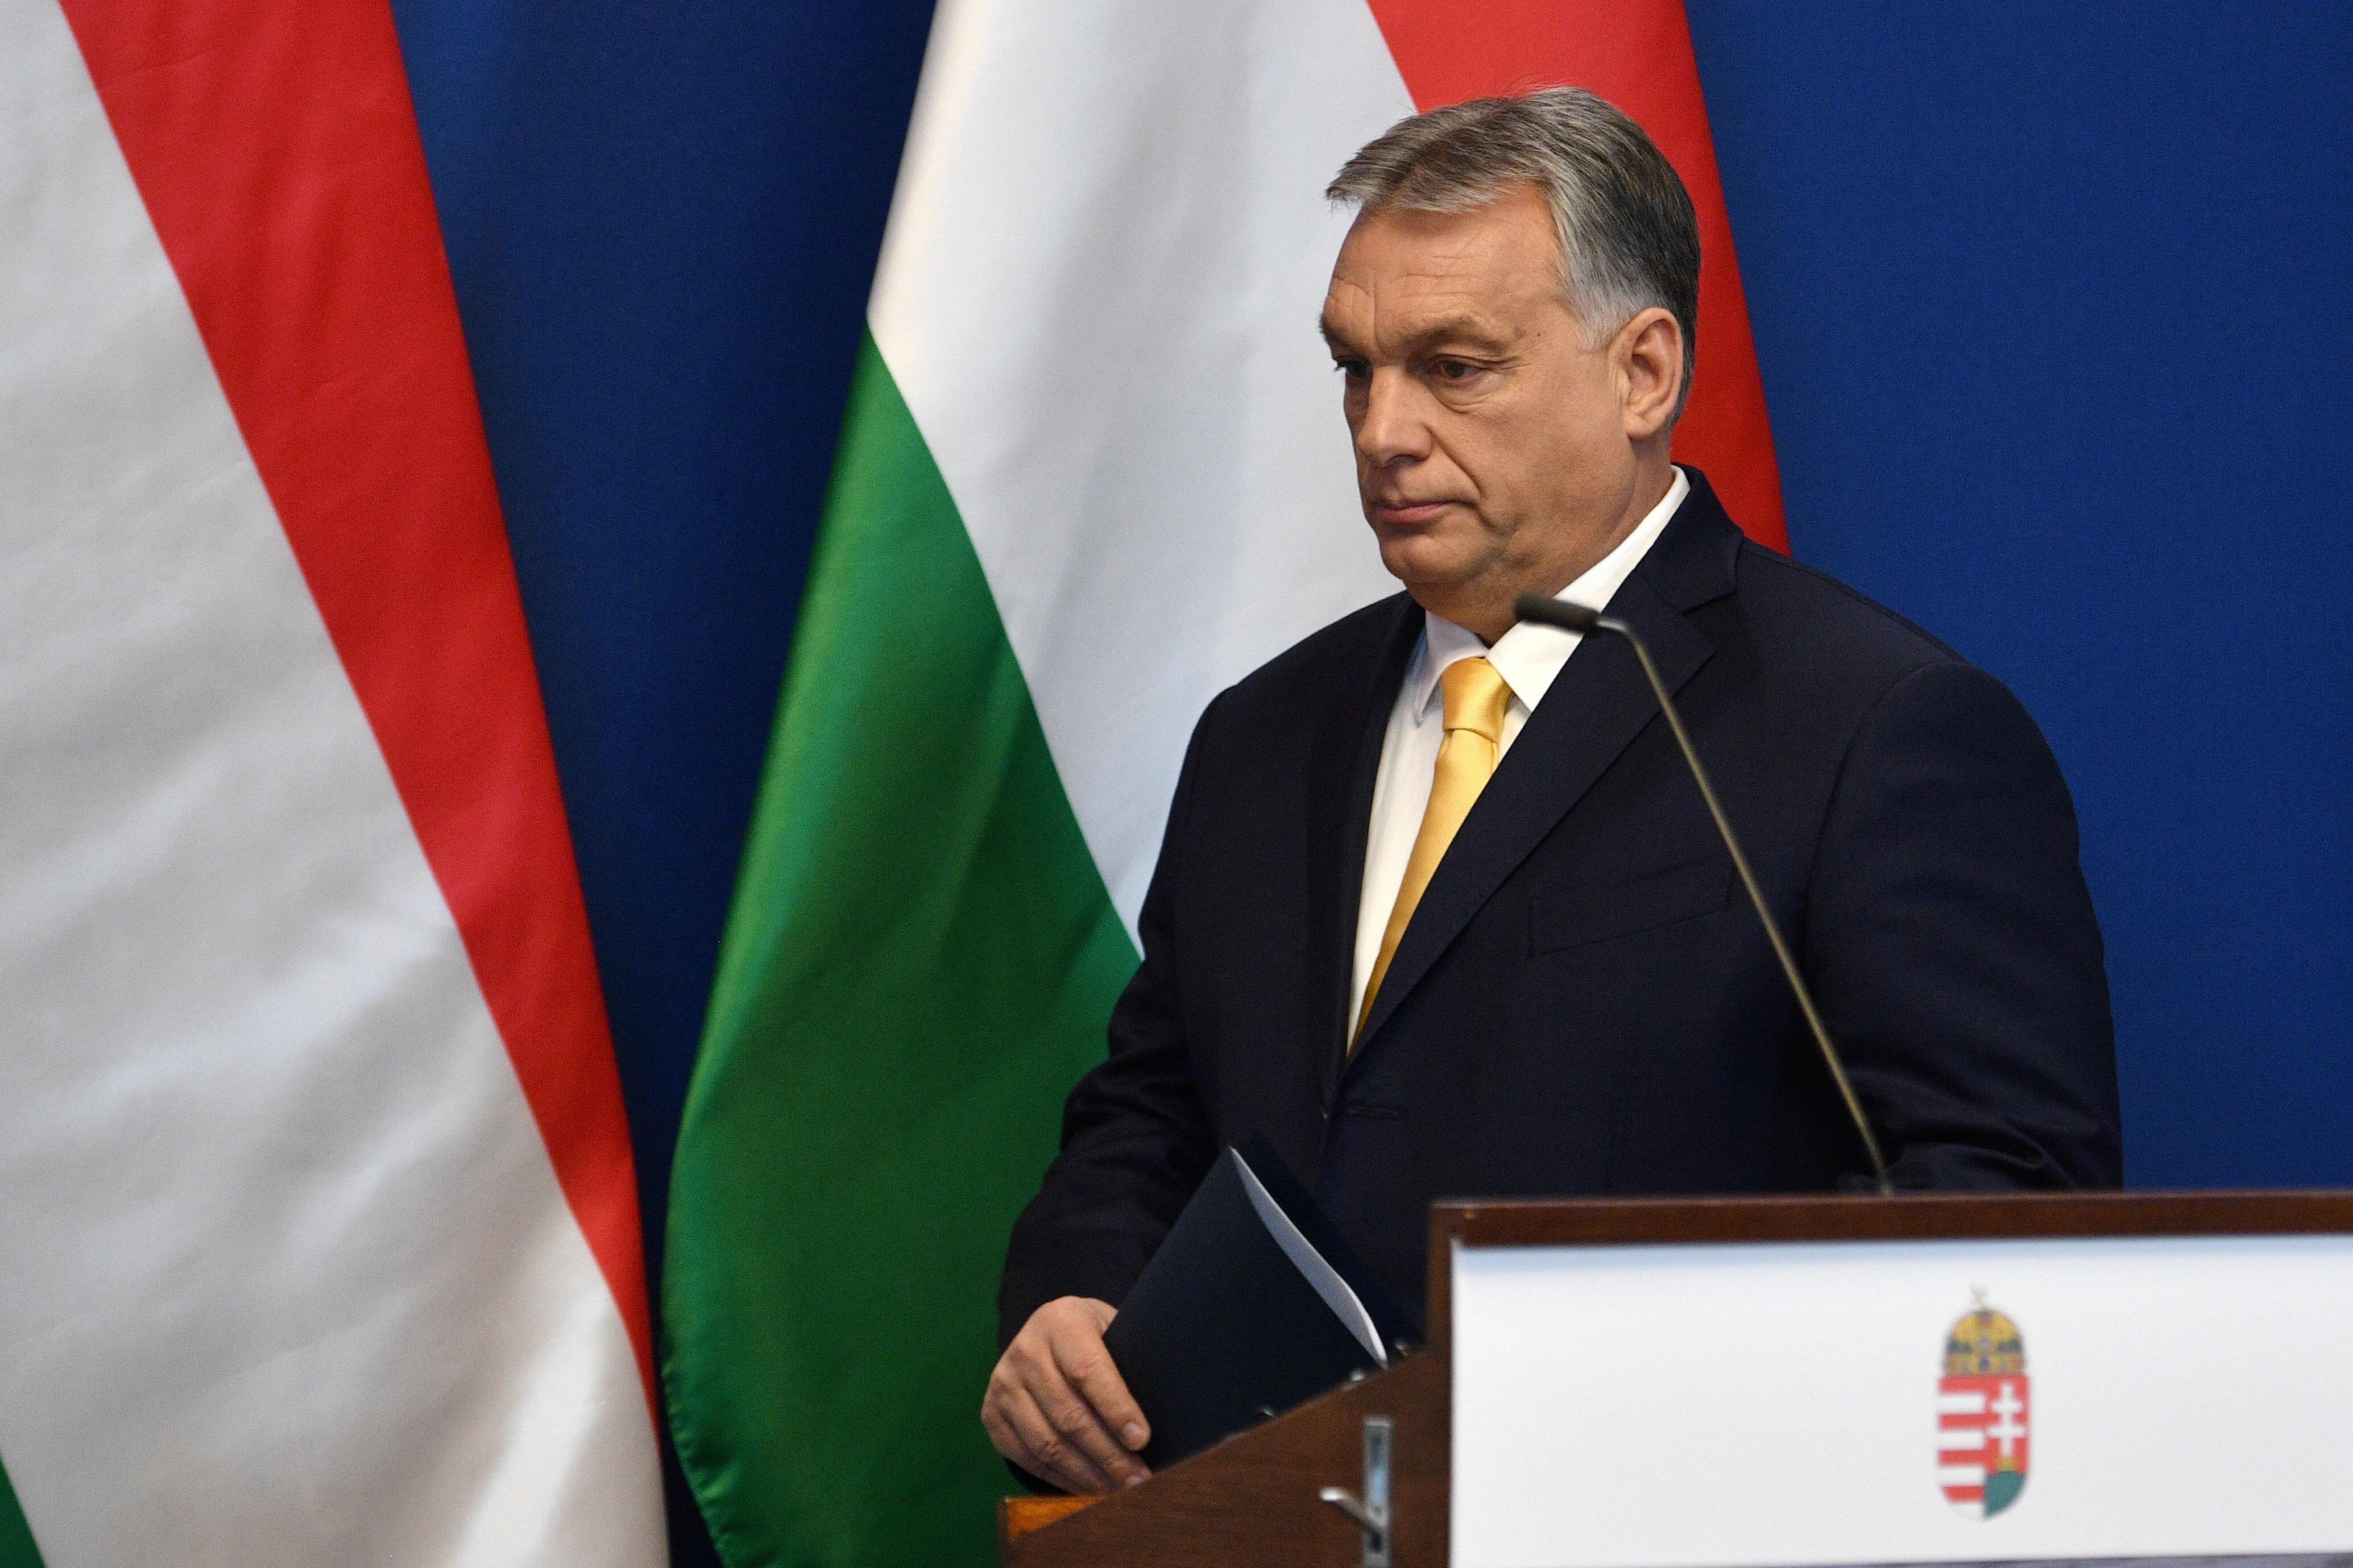 Nem nyomoz az ügyészség Orbán Viktor ellen a Gyöngyöspatáról szóló megjegyzései miatt